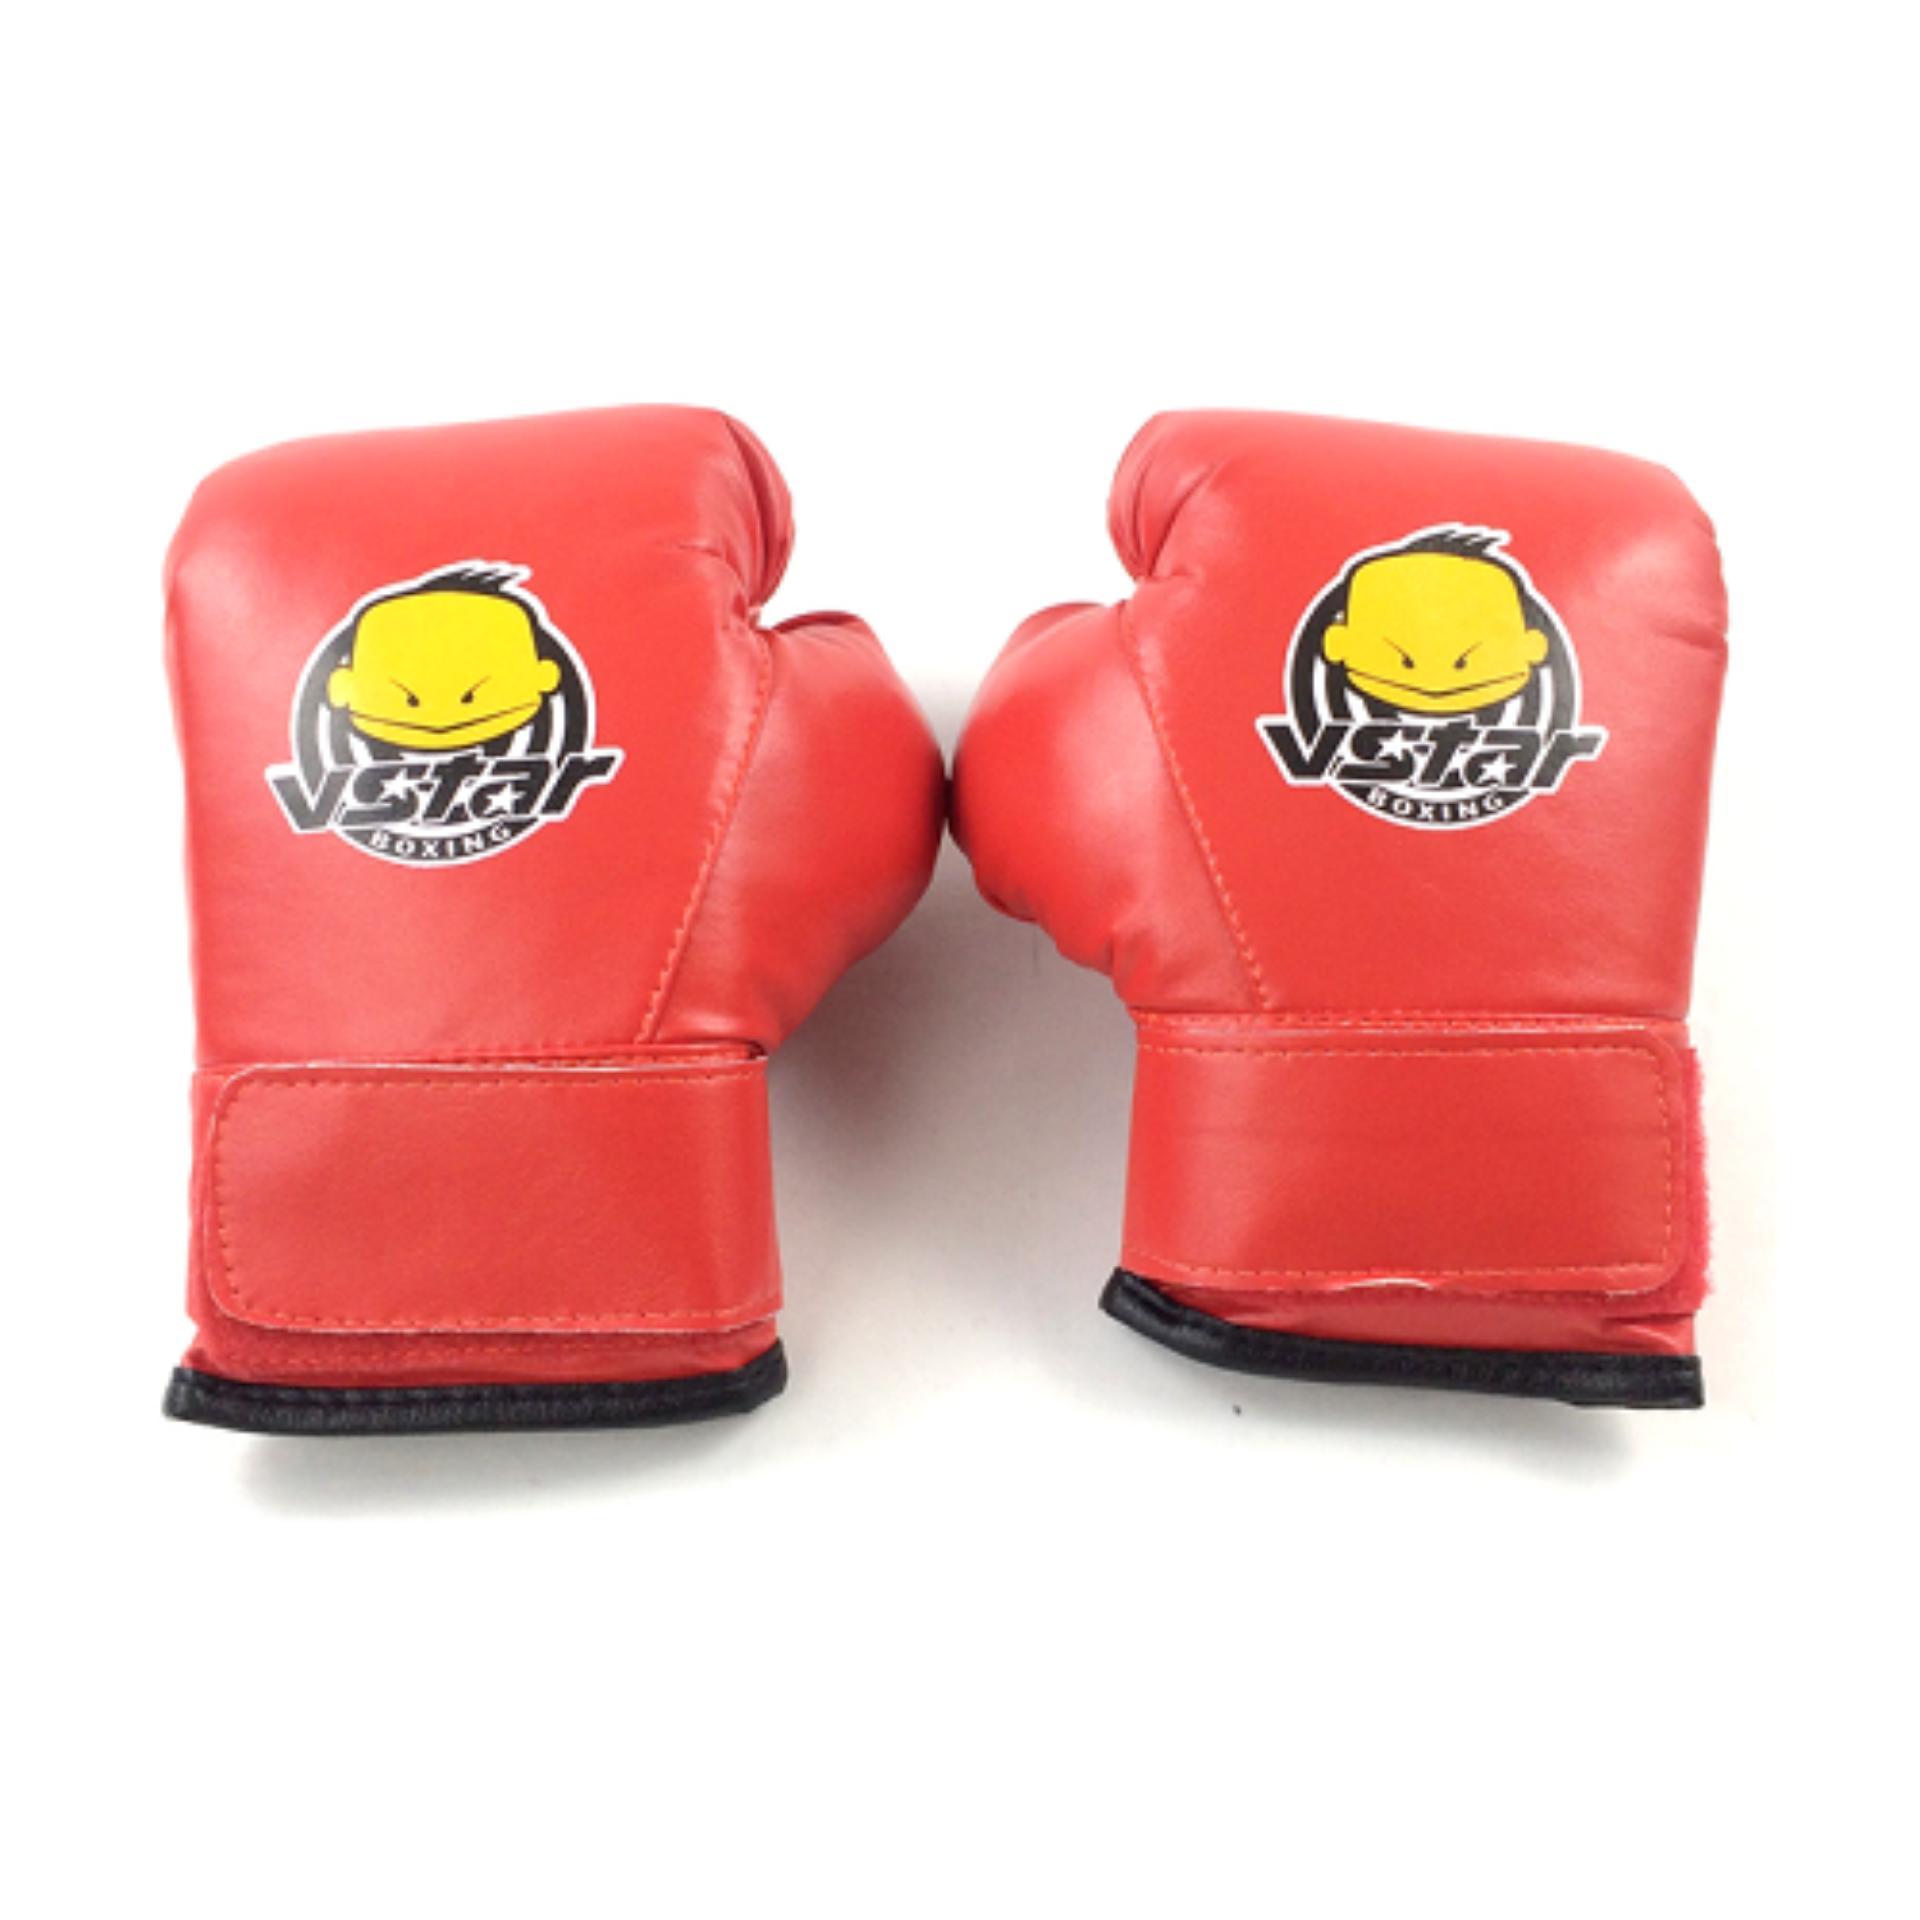 Hình ảnh Găng đấm boxing trẻ em